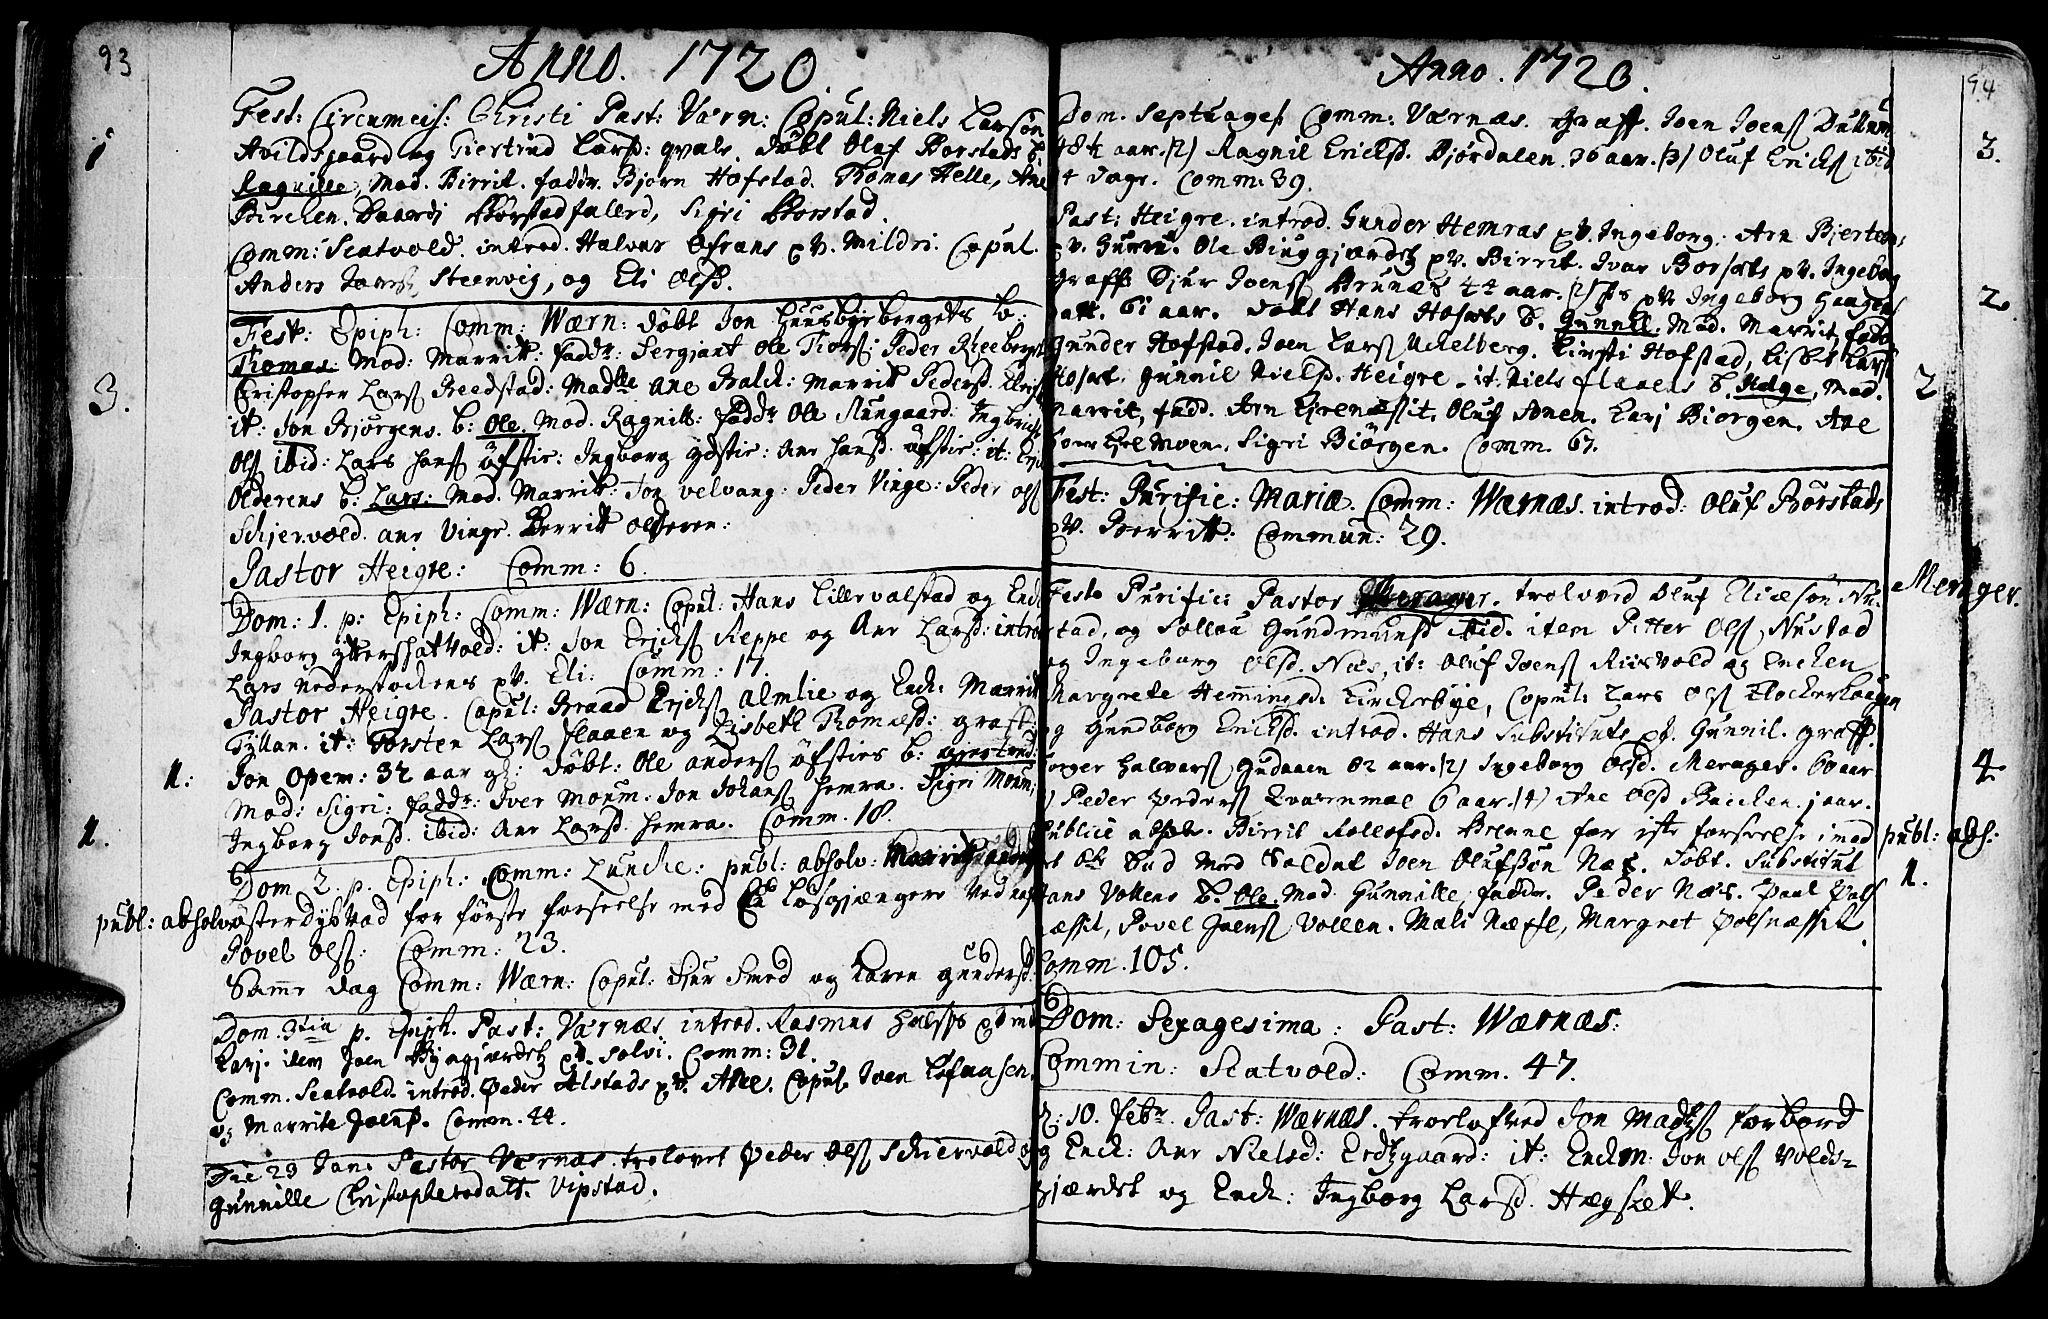 SAT, Ministerialprotokoller, klokkerbøker og fødselsregistre - Nord-Trøndelag, 709/L0054: Ministerialbok nr. 709A02, 1714-1738, s. 93-94